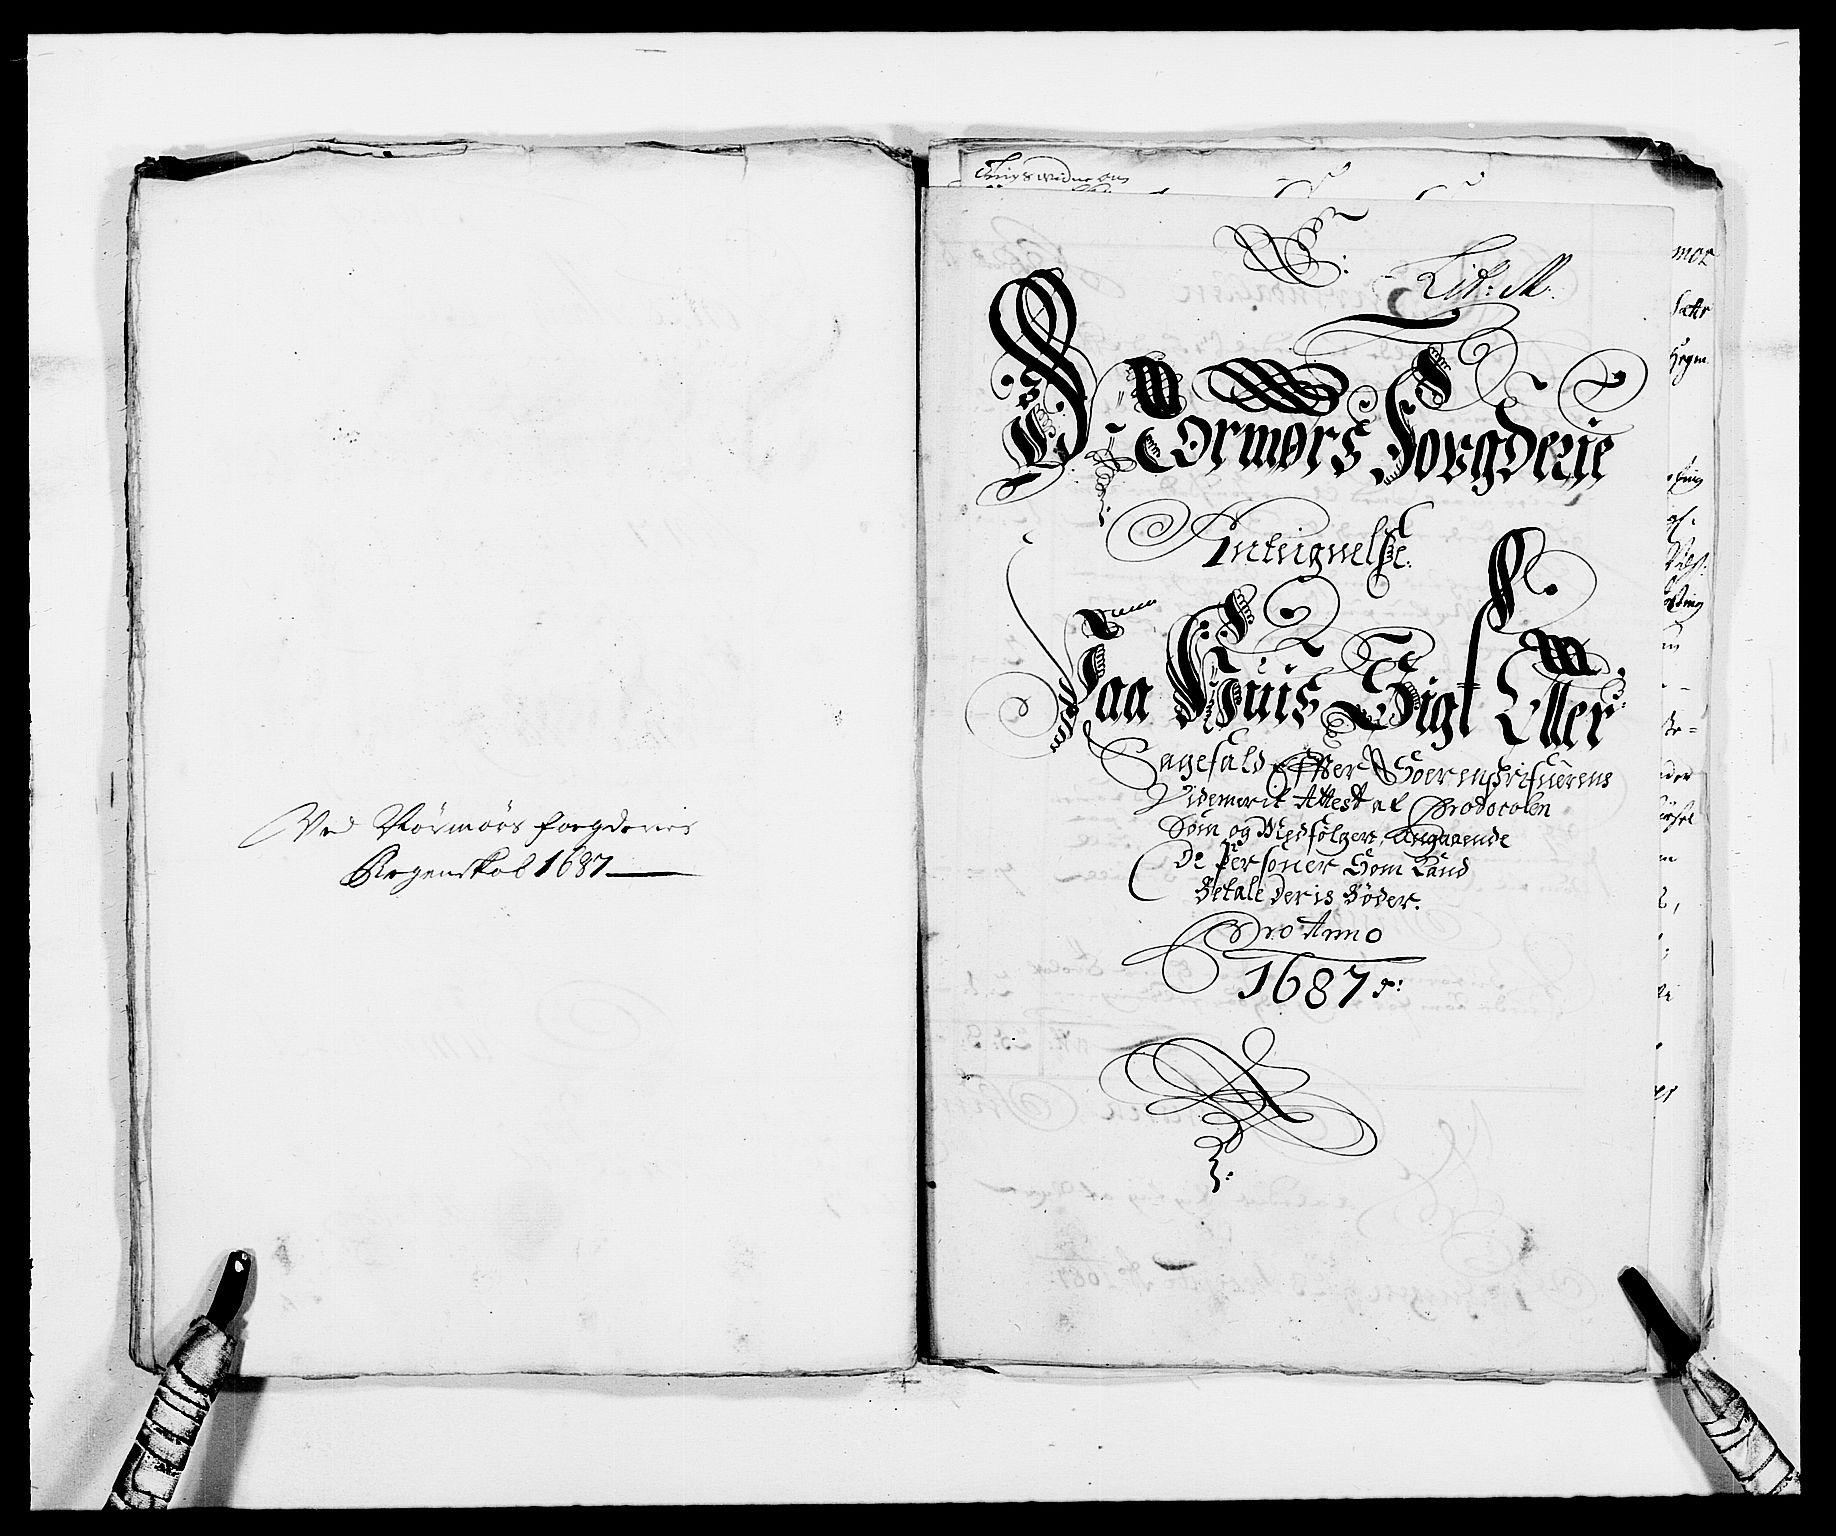 RA, Rentekammeret inntil 1814, Reviderte regnskaper, Fogderegnskap, R56/L3733: Fogderegnskap Nordmøre, 1687-1689, s. 109